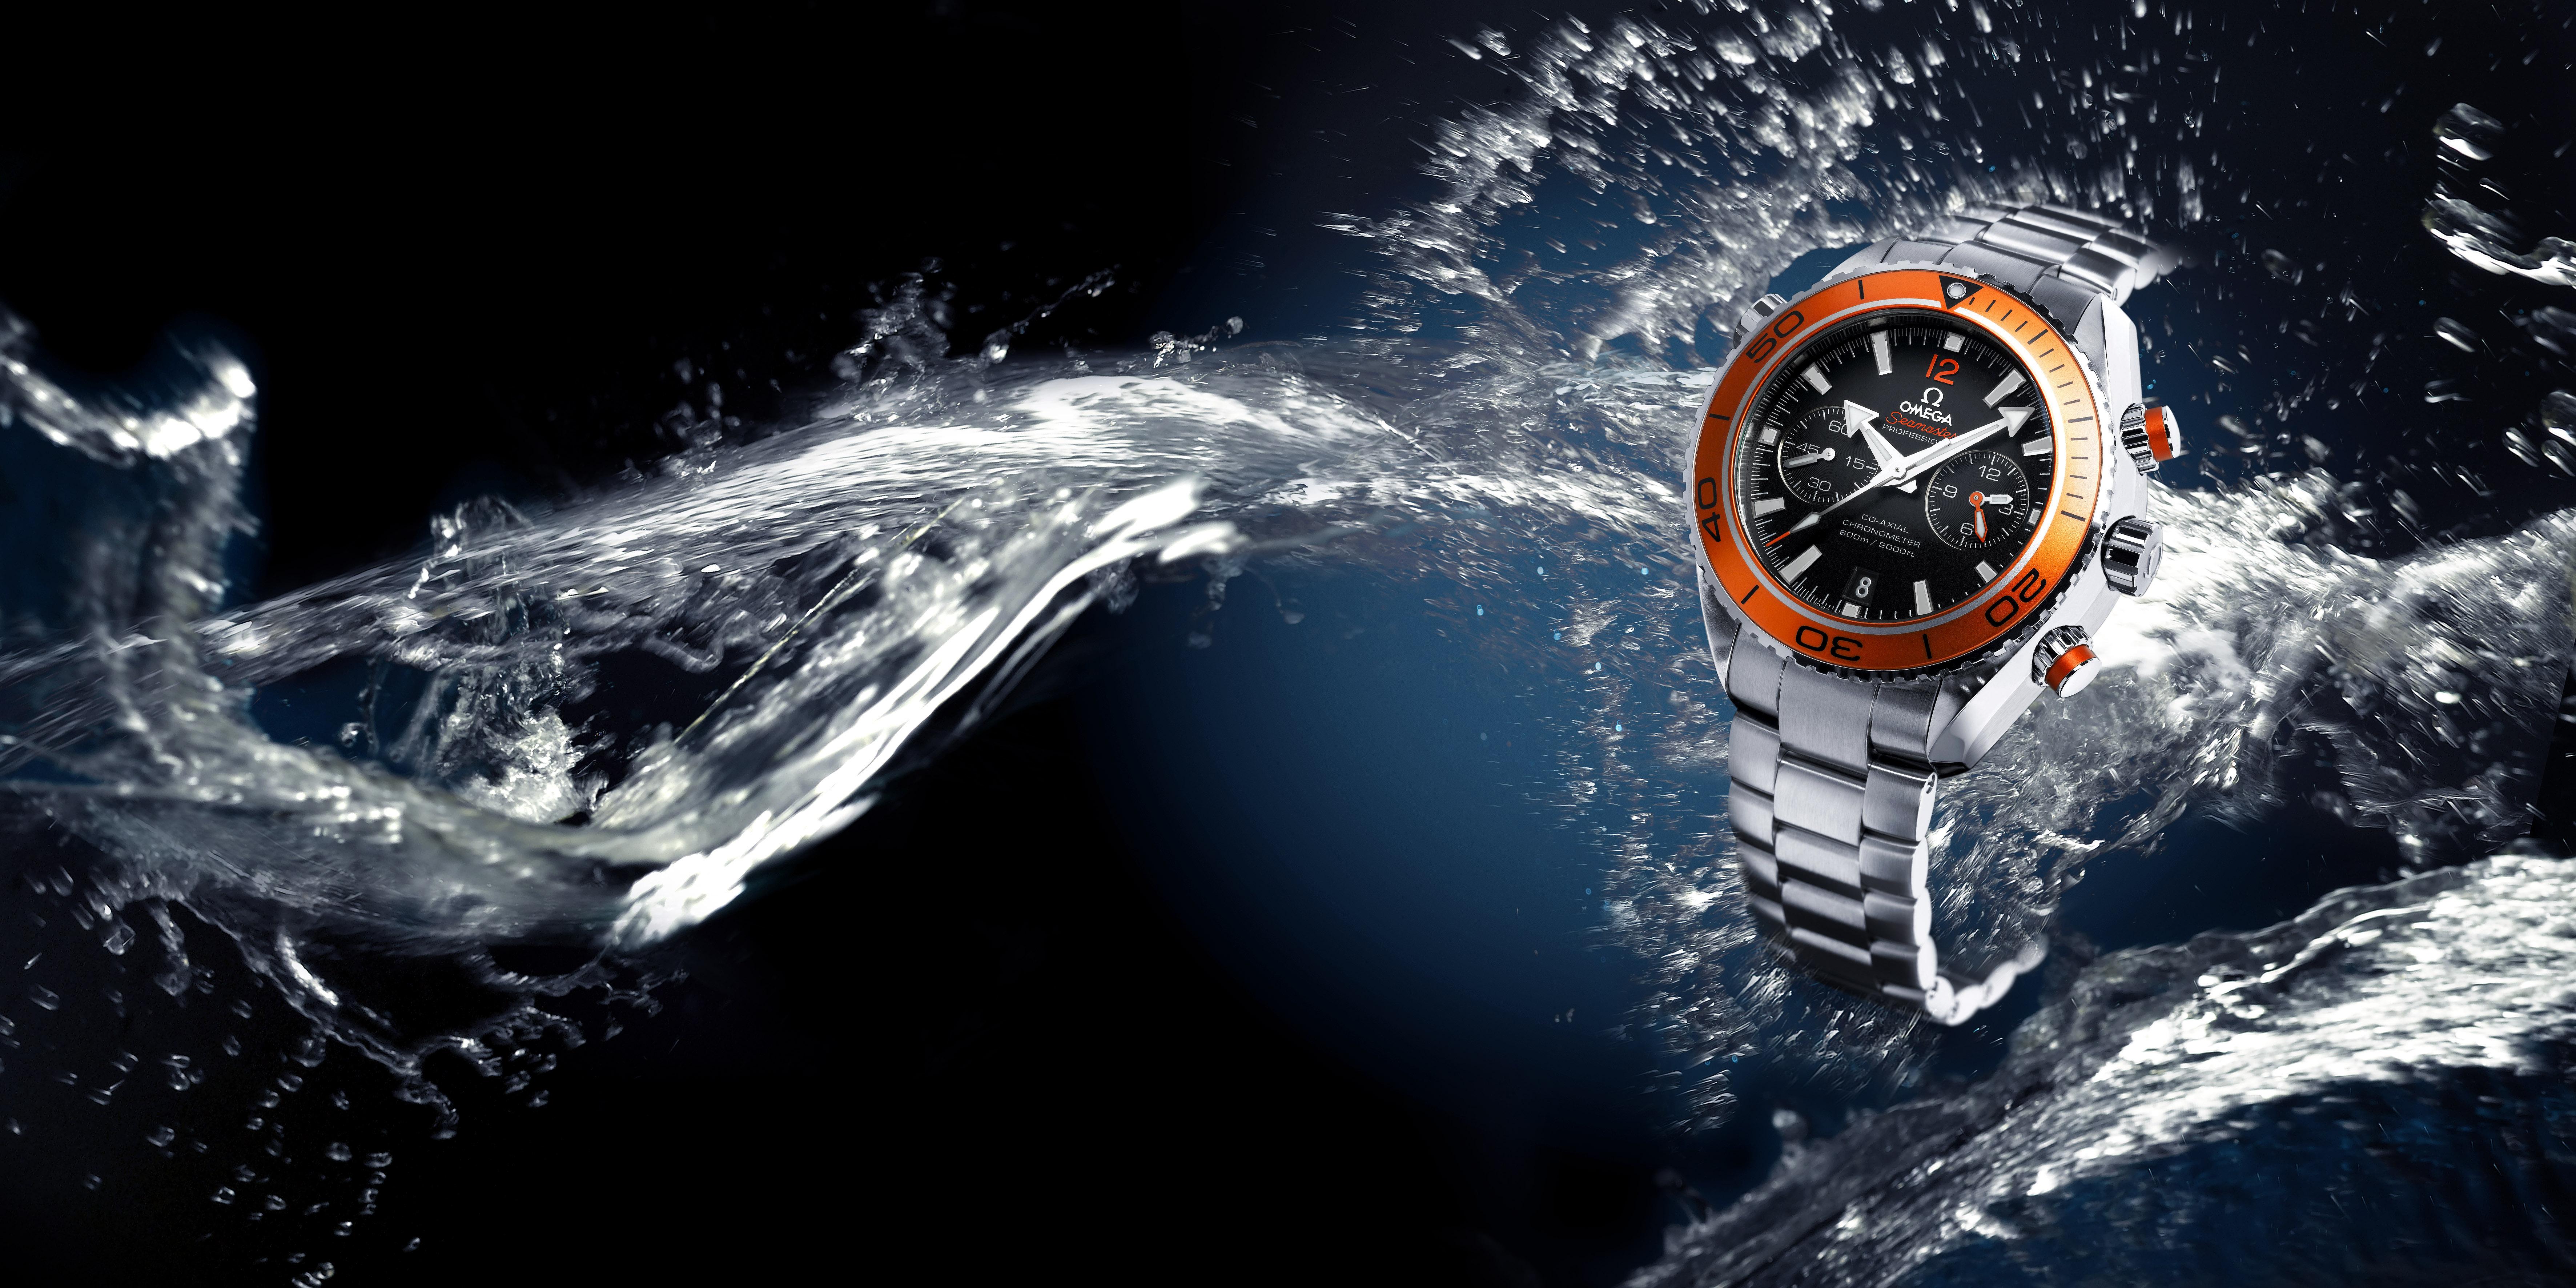 обои бесплатно скачать на рабочий стол часы в воде № 188047  скачать